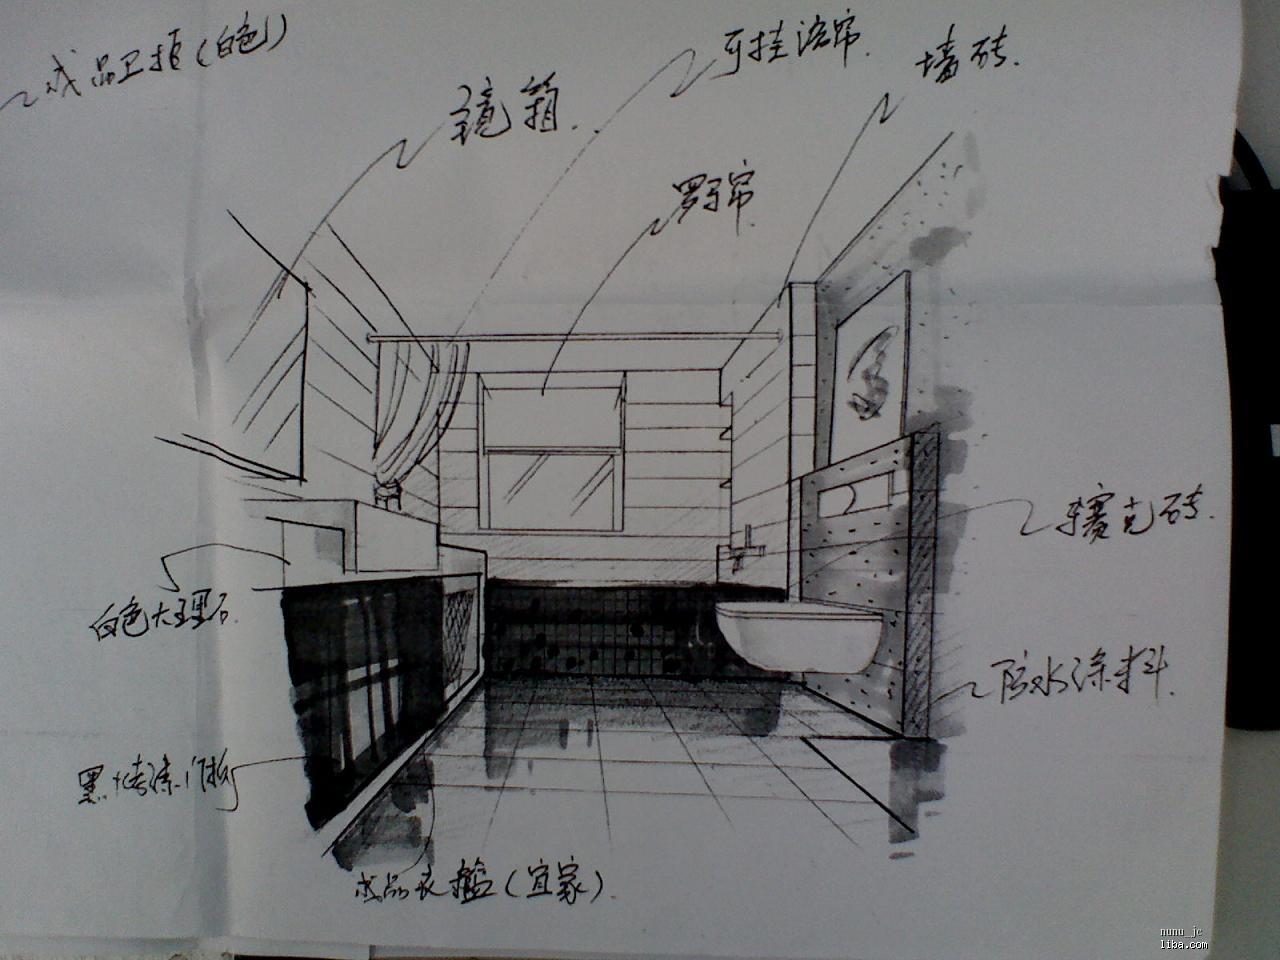 西装简笔画设计图展示